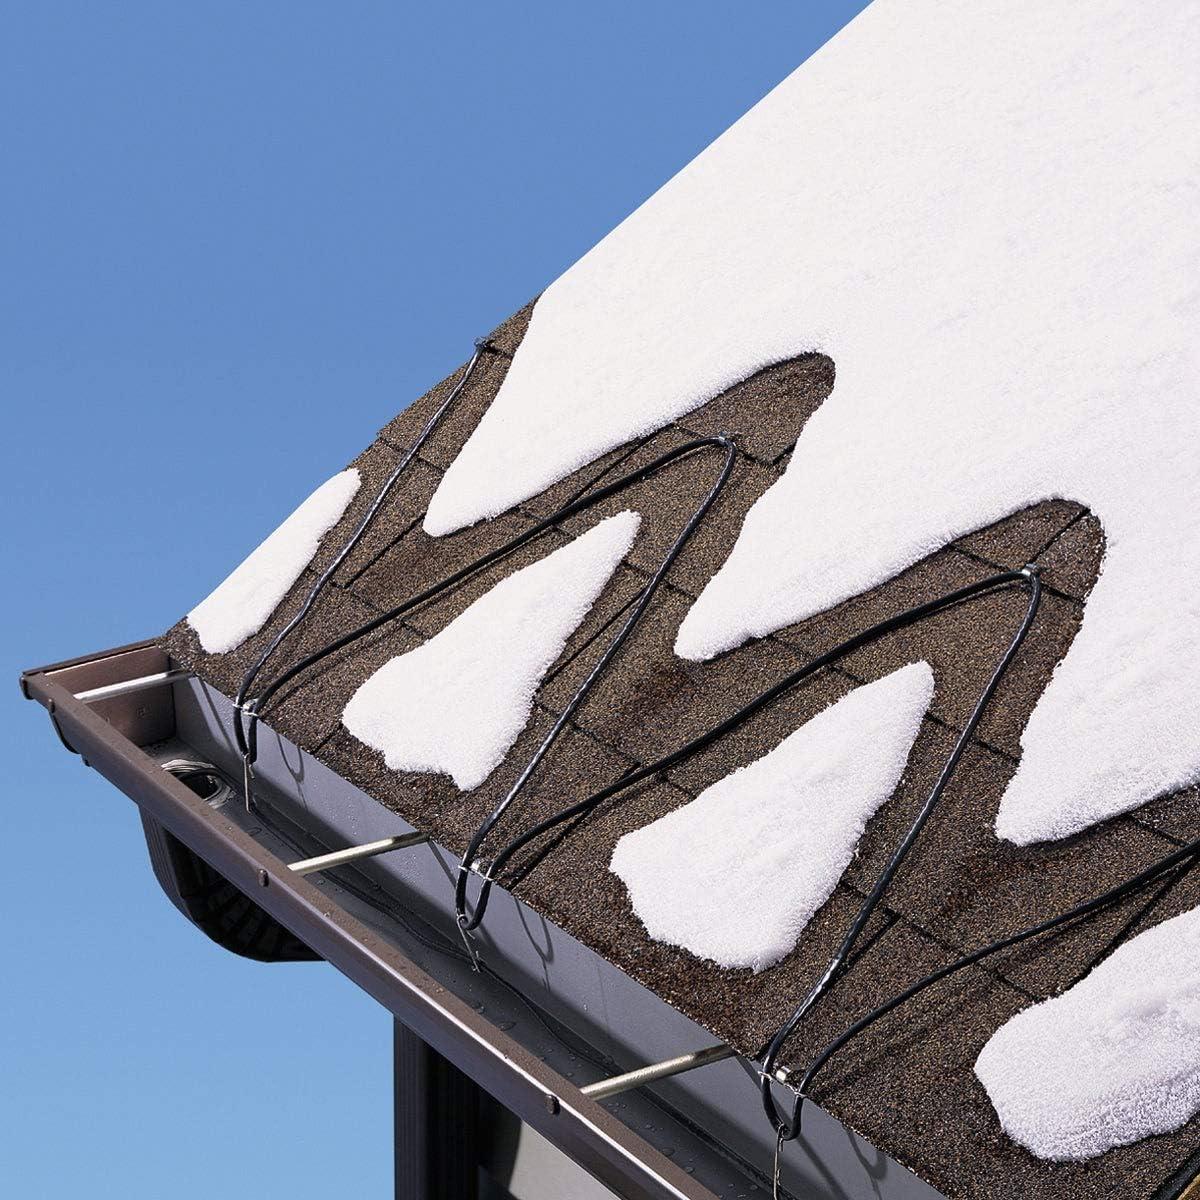 Easy Heat ADKS-800 160 Roof//Gutter Kit